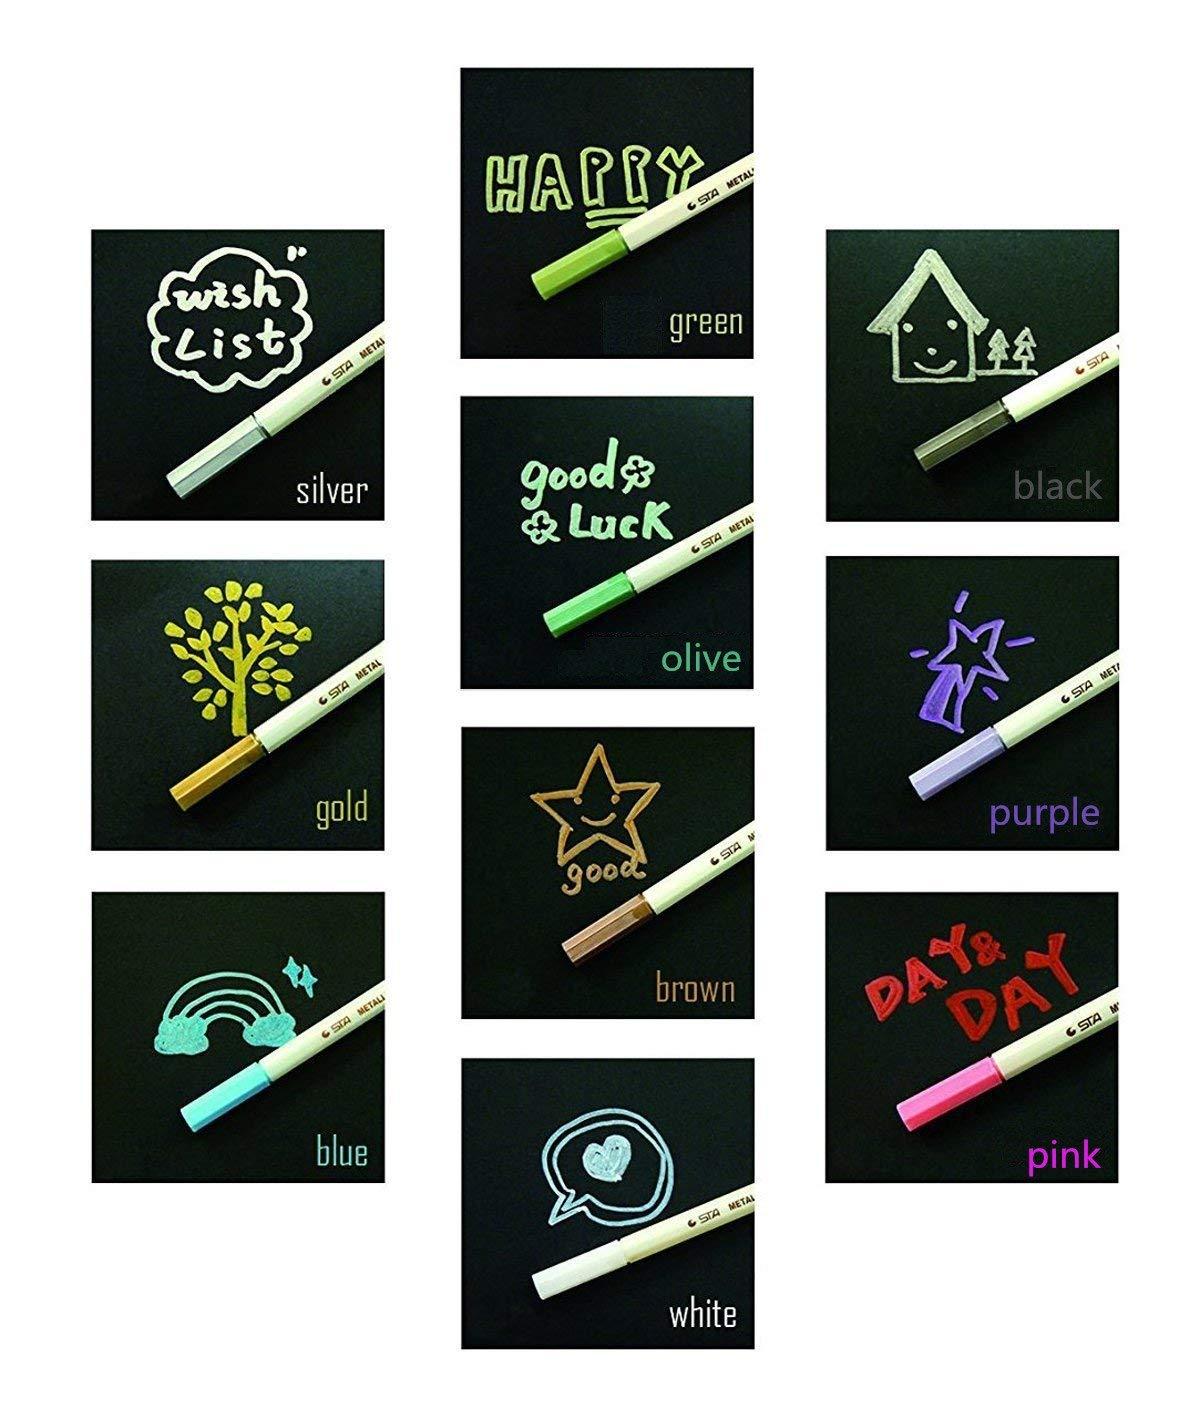 fai da te per realizzare bigliettini libro degli ospiti Jr.Hagrid Pennarelli metallici set da 10 colori assortiti album fotografico